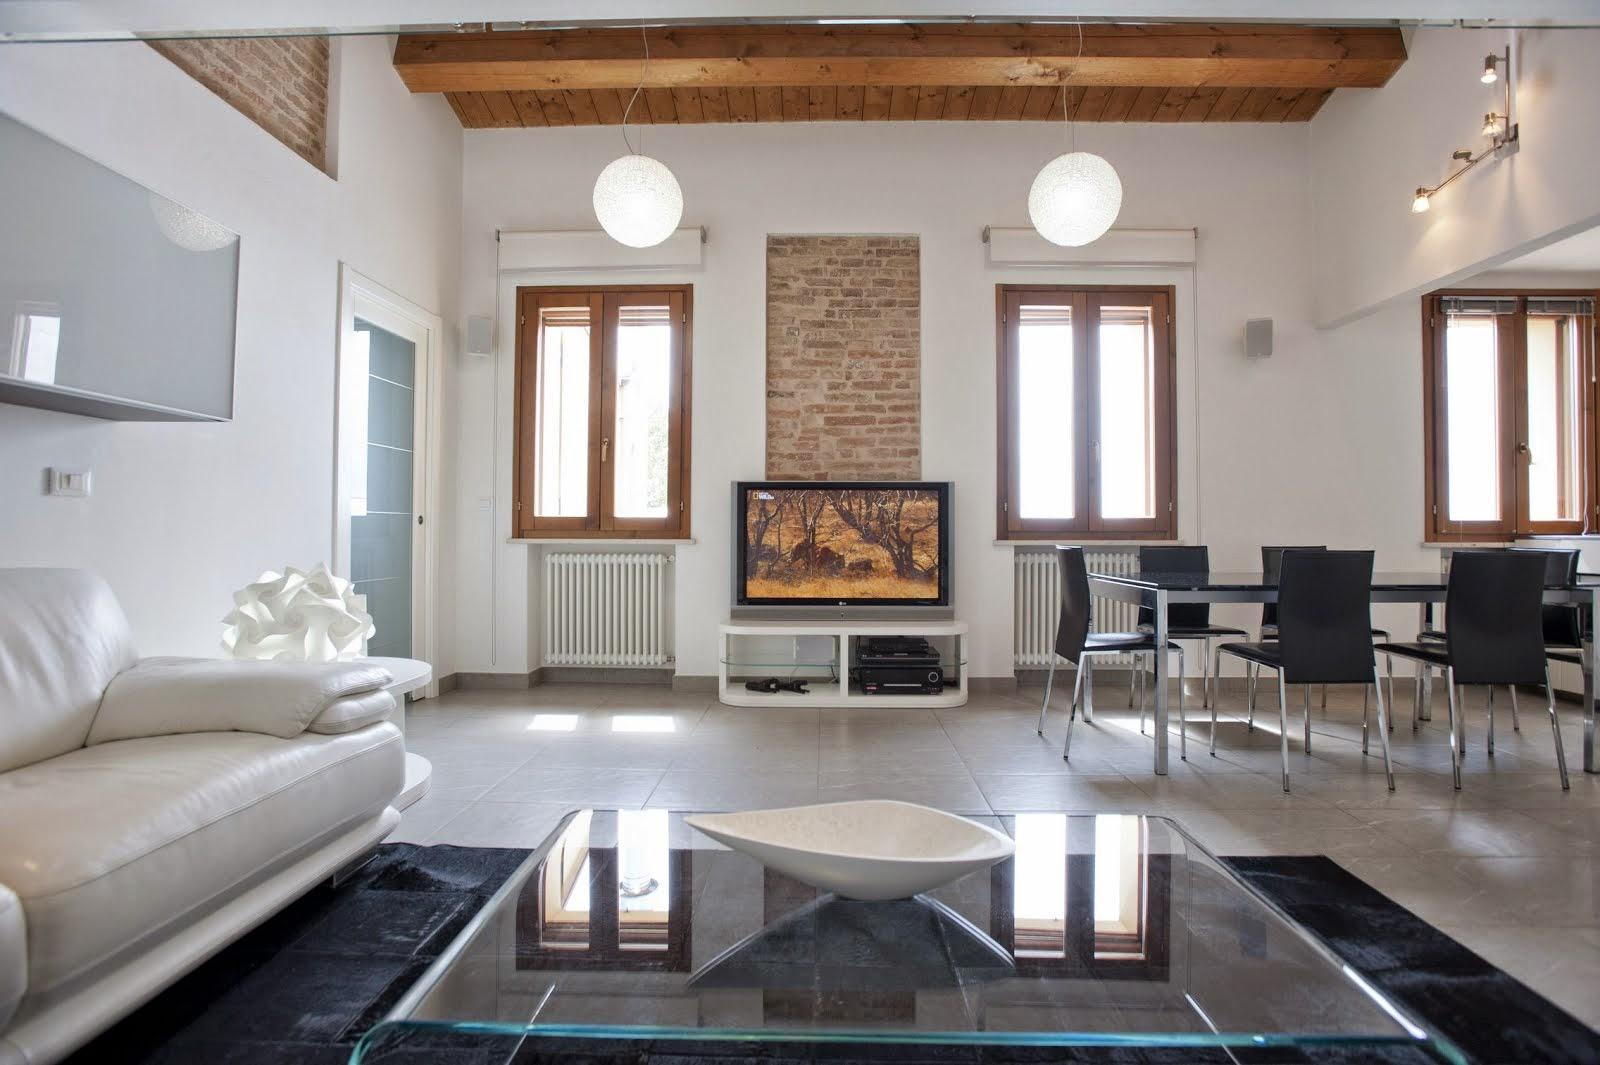 Arredare Cucina Soggiorno 40 Mq - The Homey Design